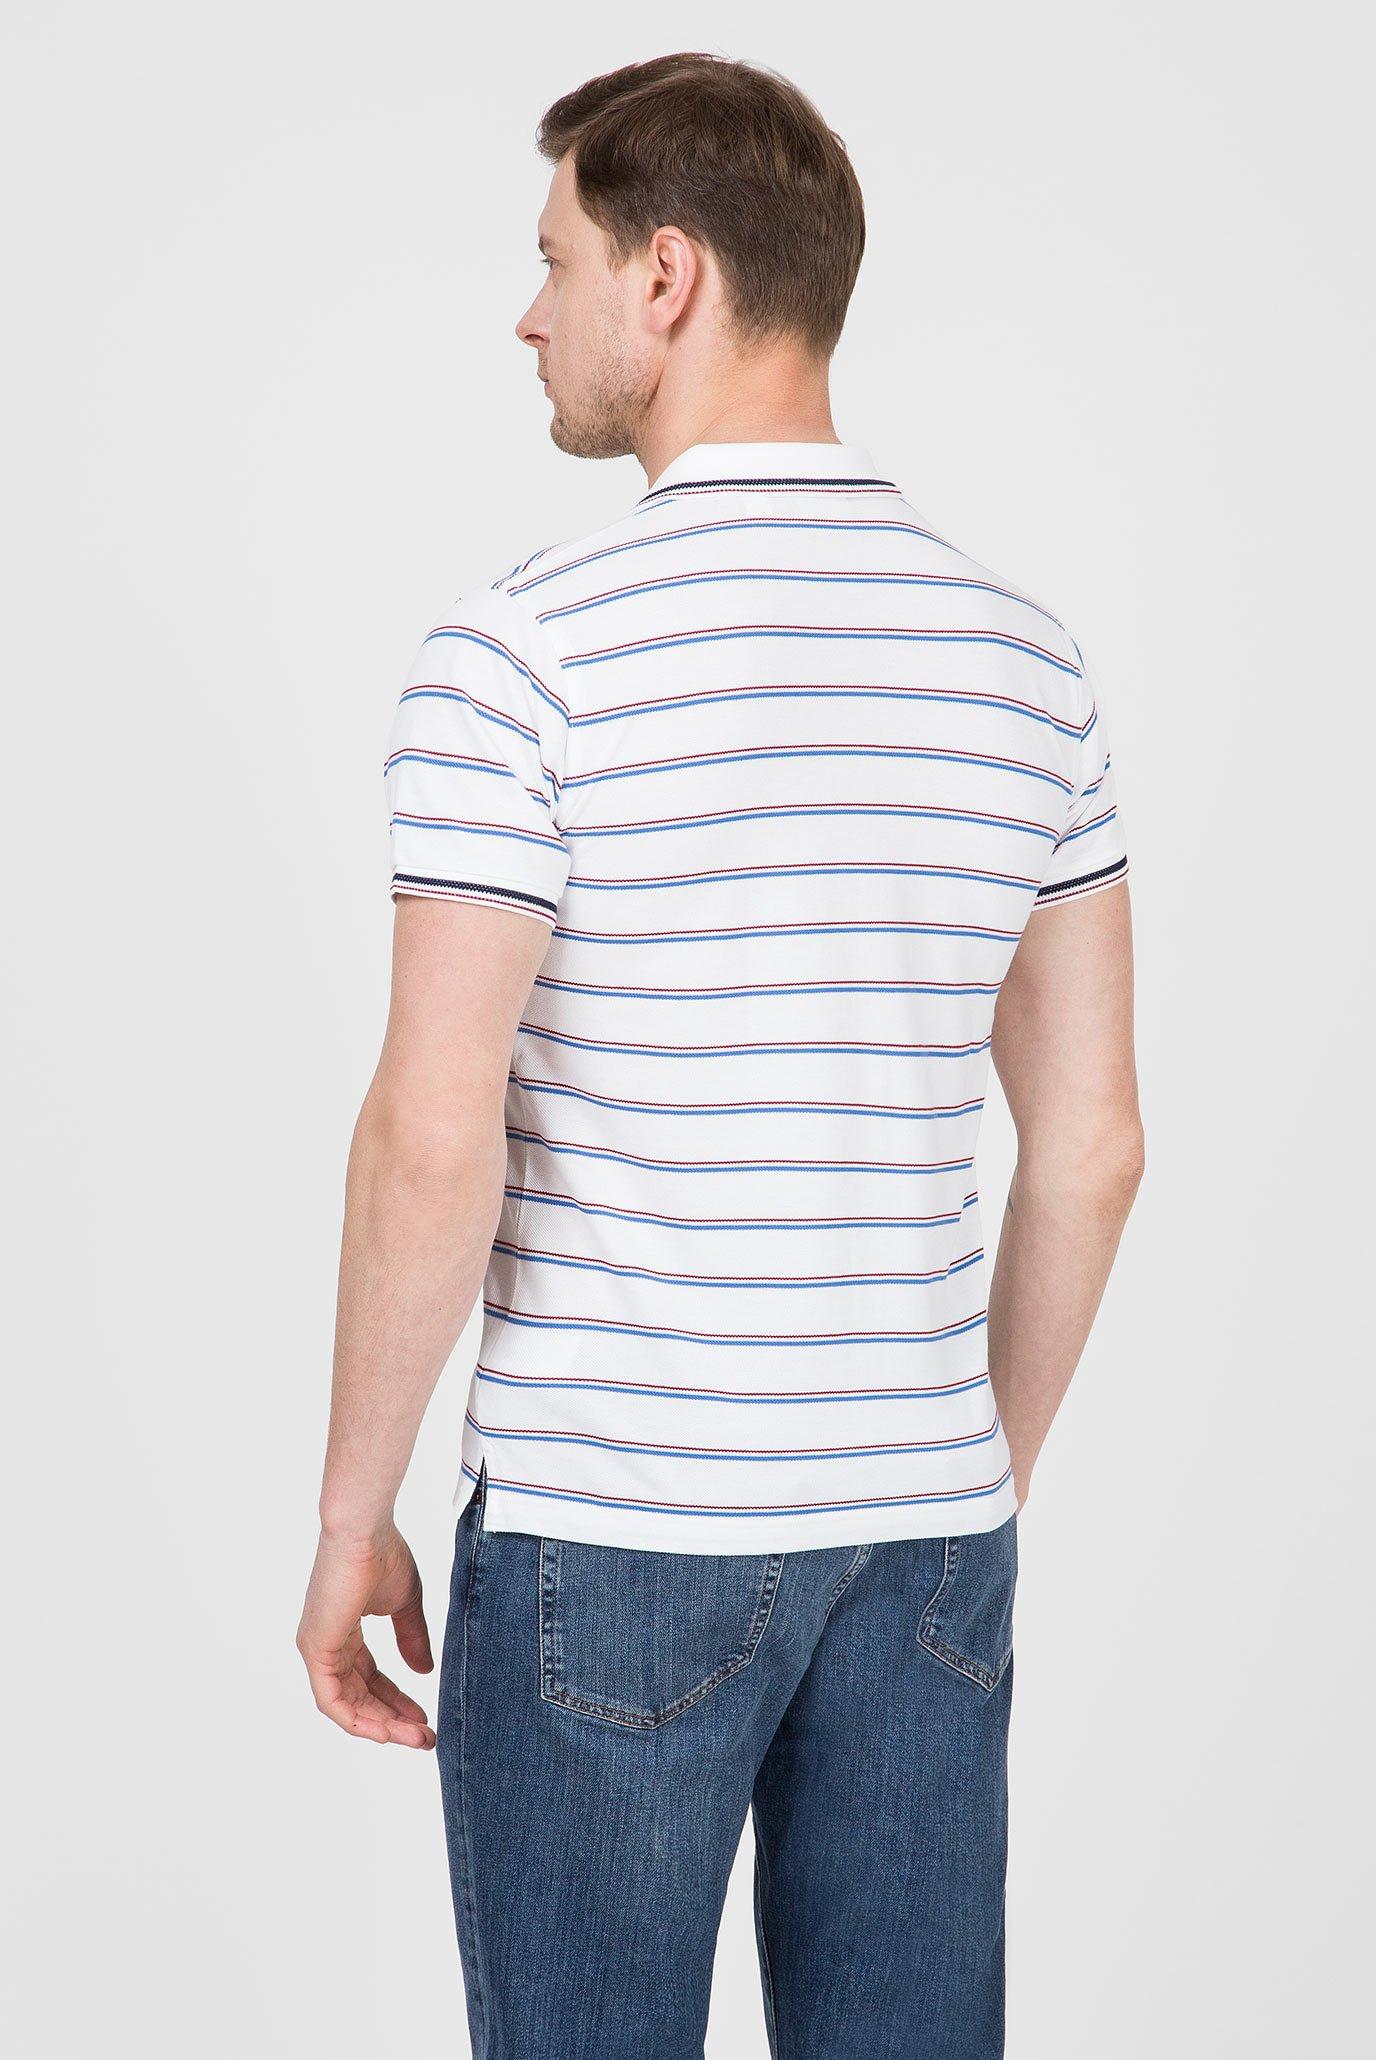 Купить Мужское белое поло в полоску LM. STRIPE  Gant Gant 2012035 – Киев, Украина. Цены в интернет магазине MD Fashion